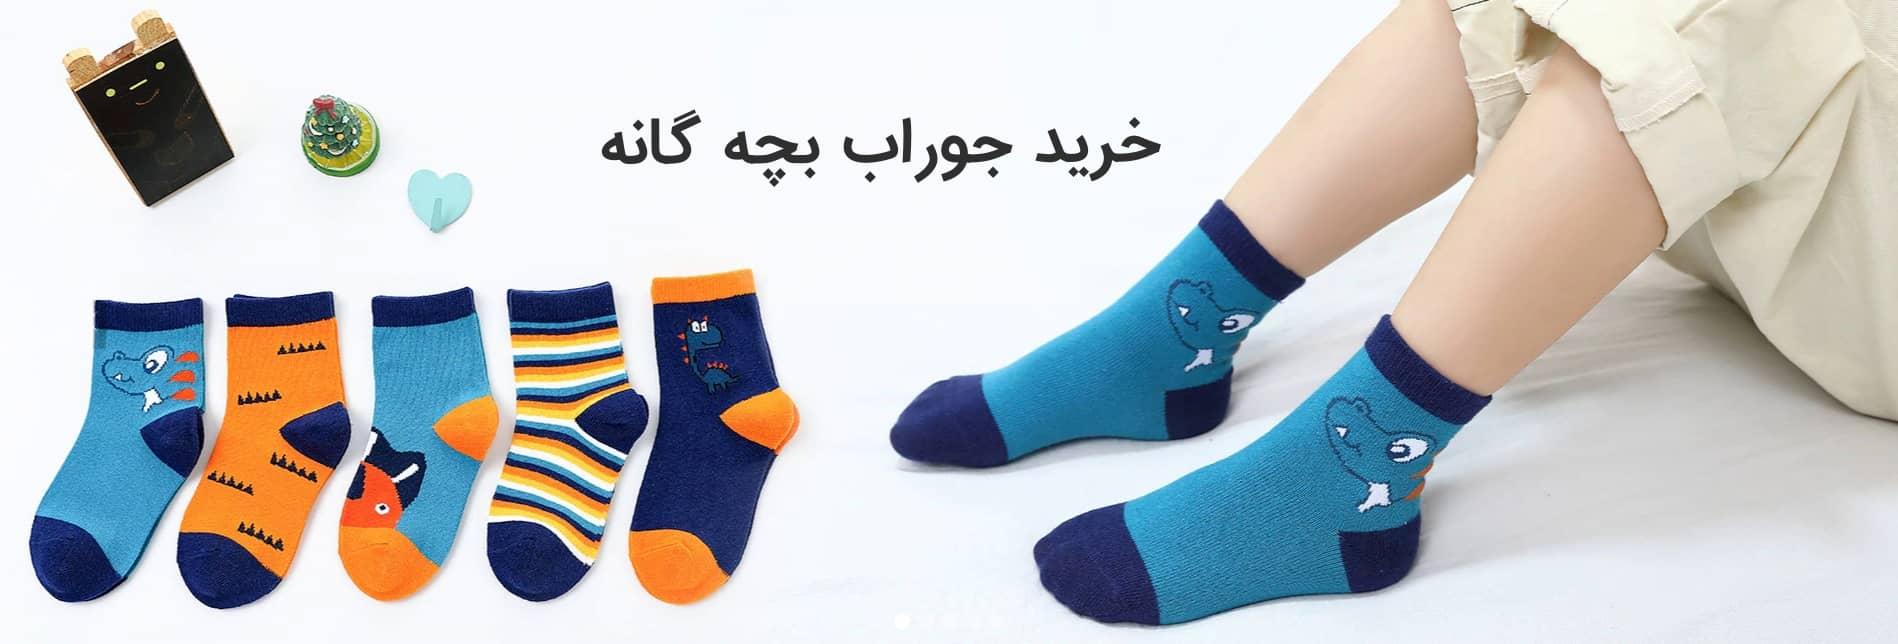 مرکز خرید جدیدترین جوراب های کودکان